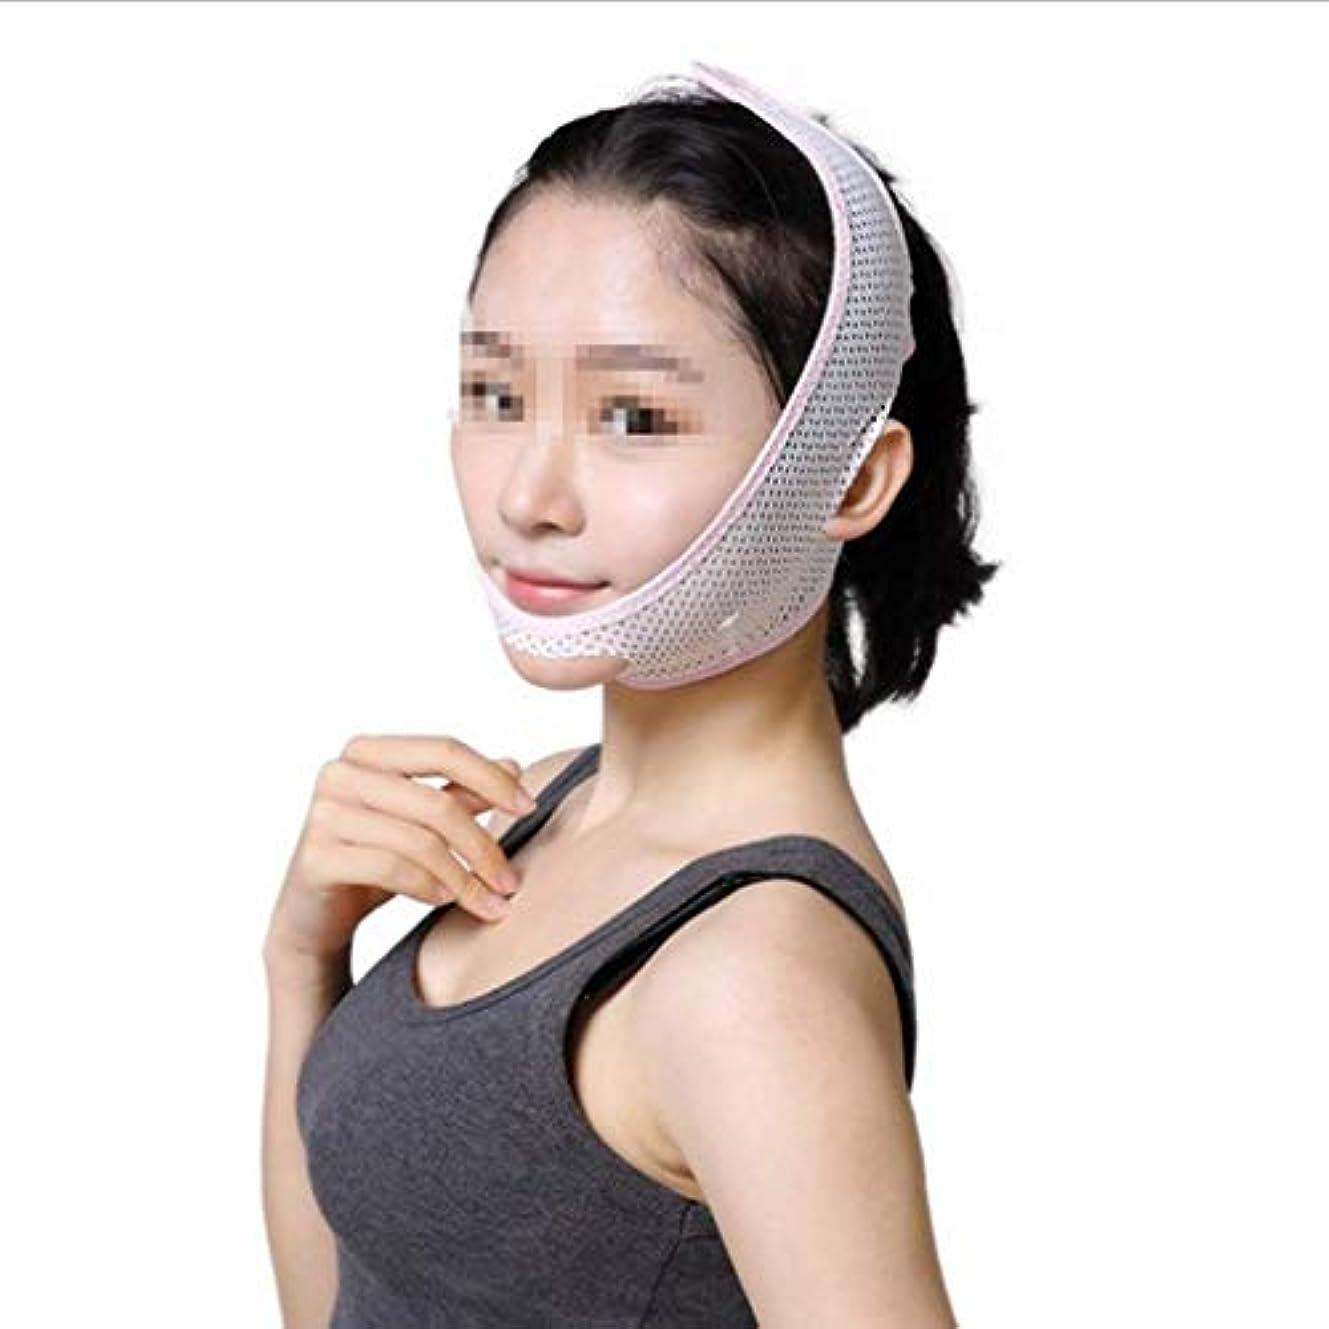 二度うめきレーザ超薄型通気性フェイスマスク、包帯Vフェイスマスクフェイスリフティングファーミングダブルチンシンフェイスベルト(サイズ:L)